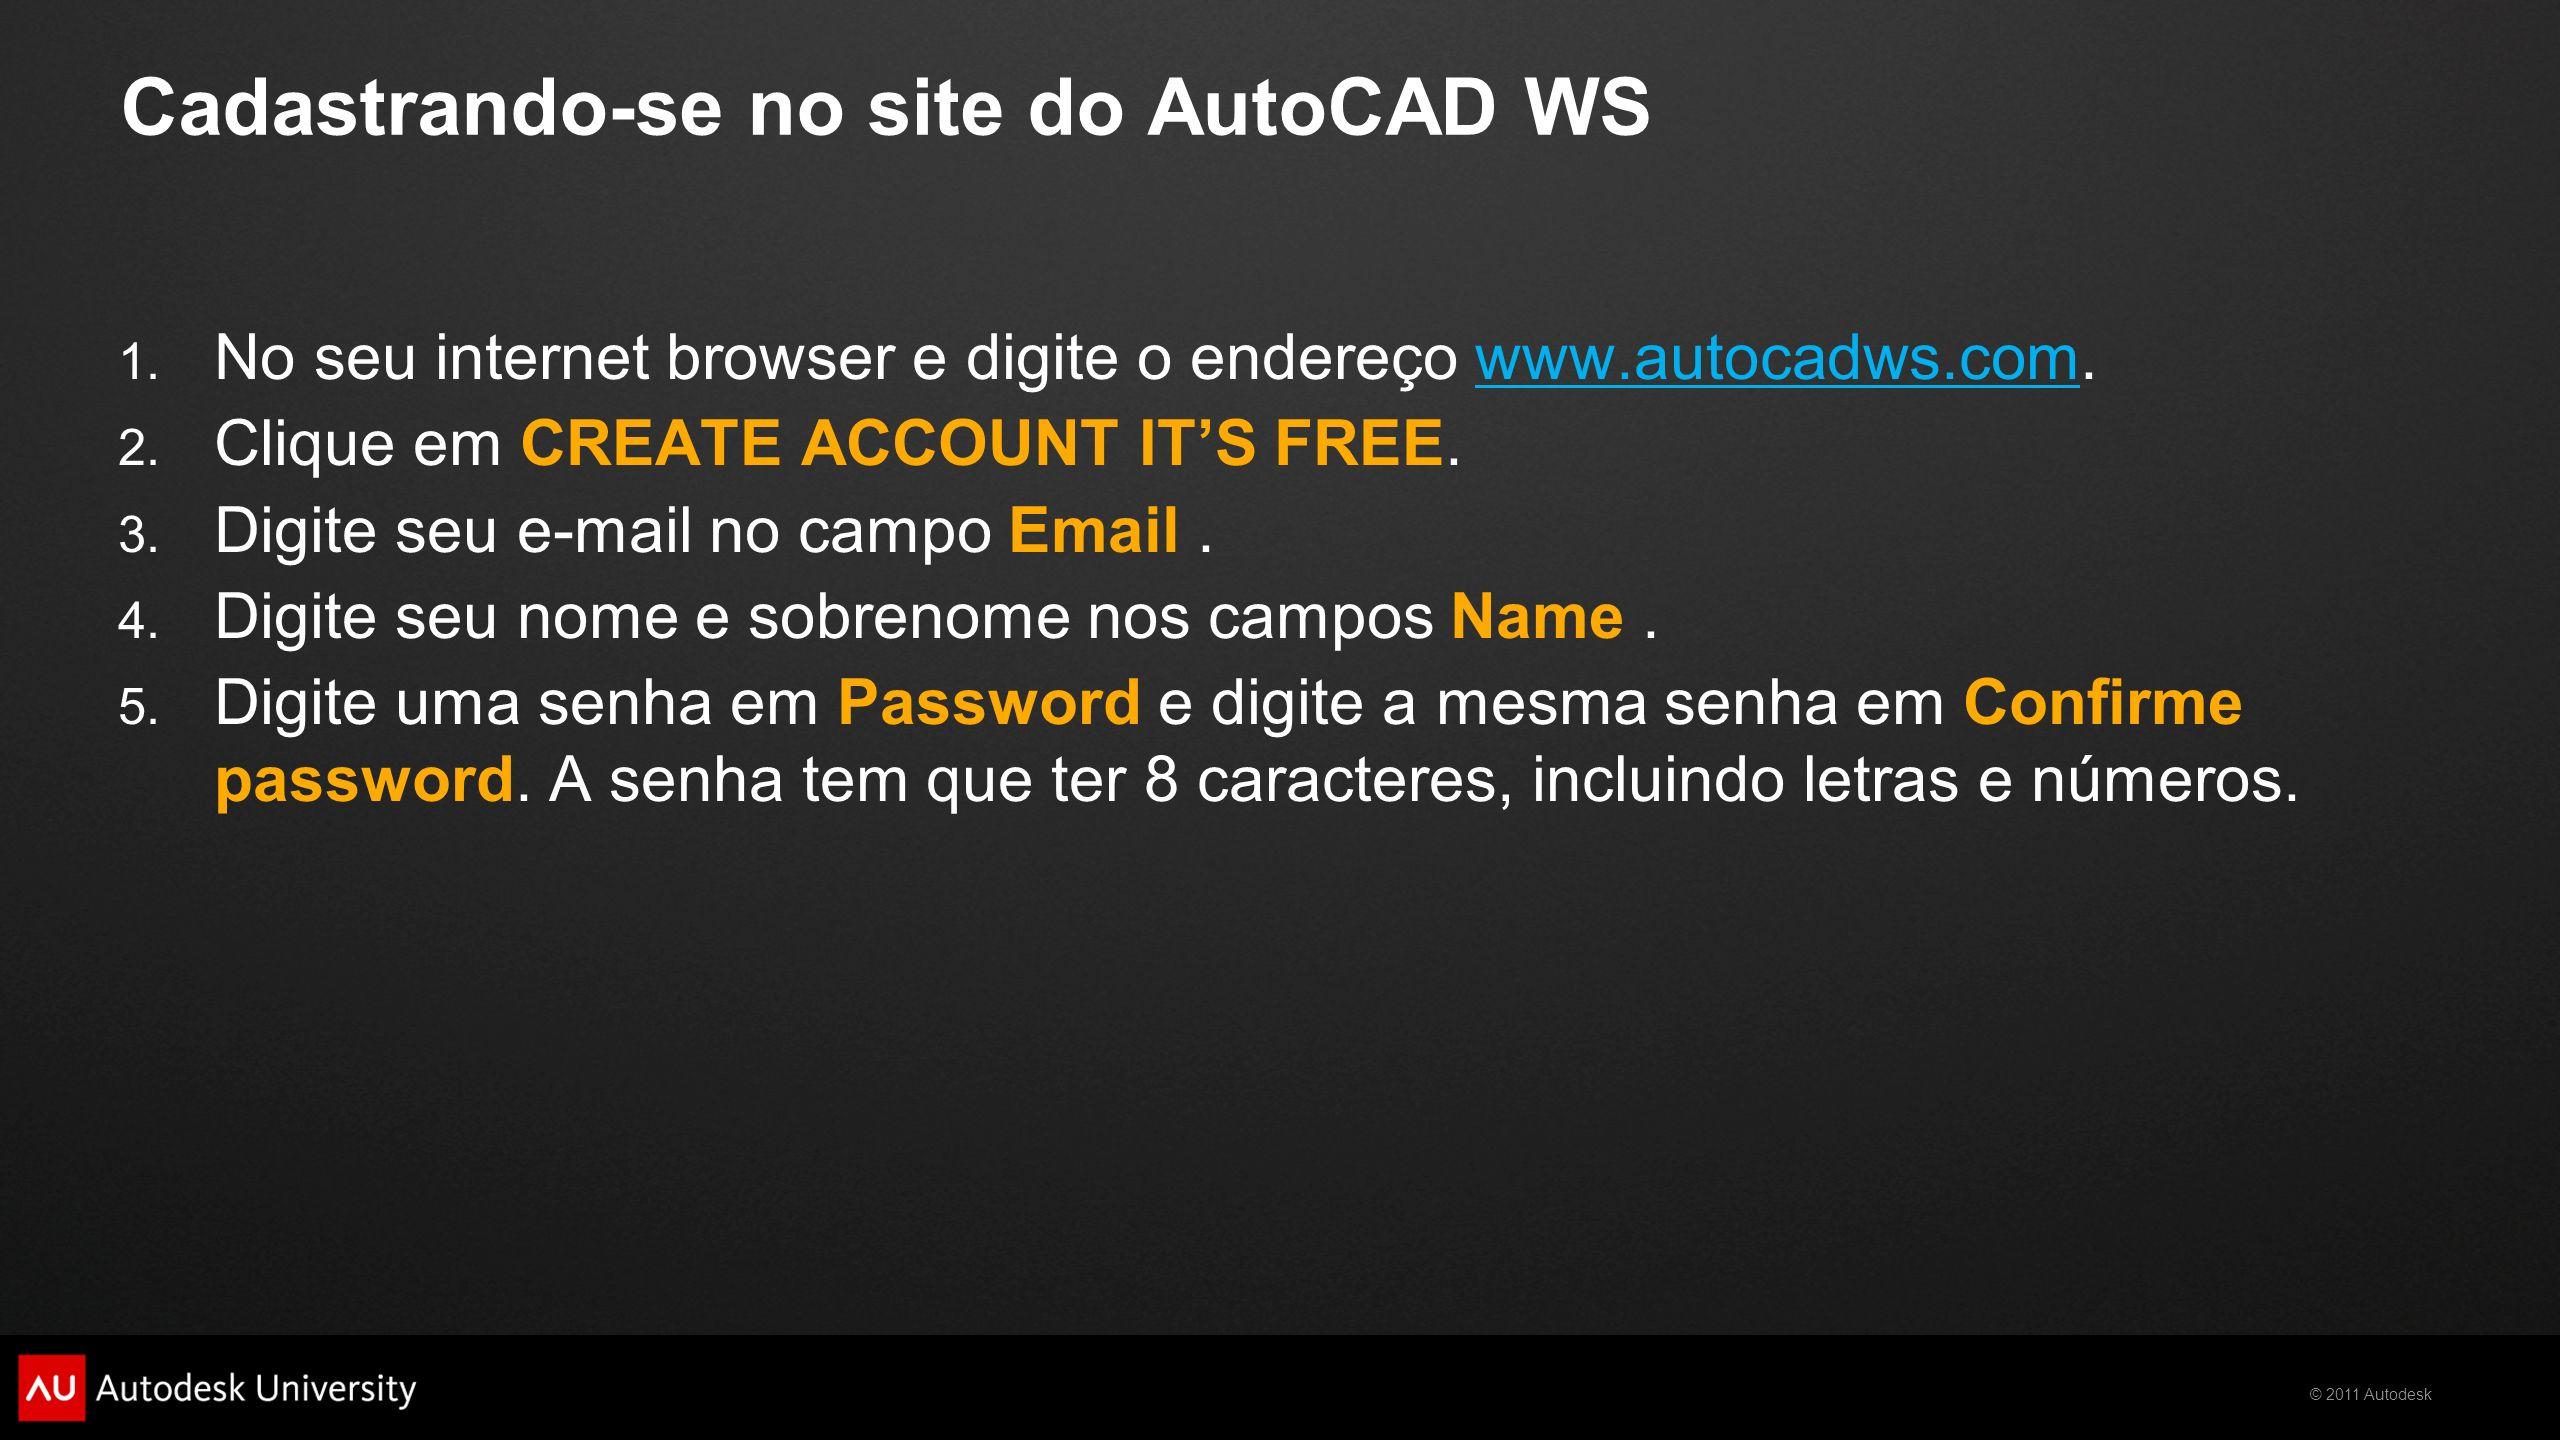 Cadastrando-se no site do AutoCAD WS